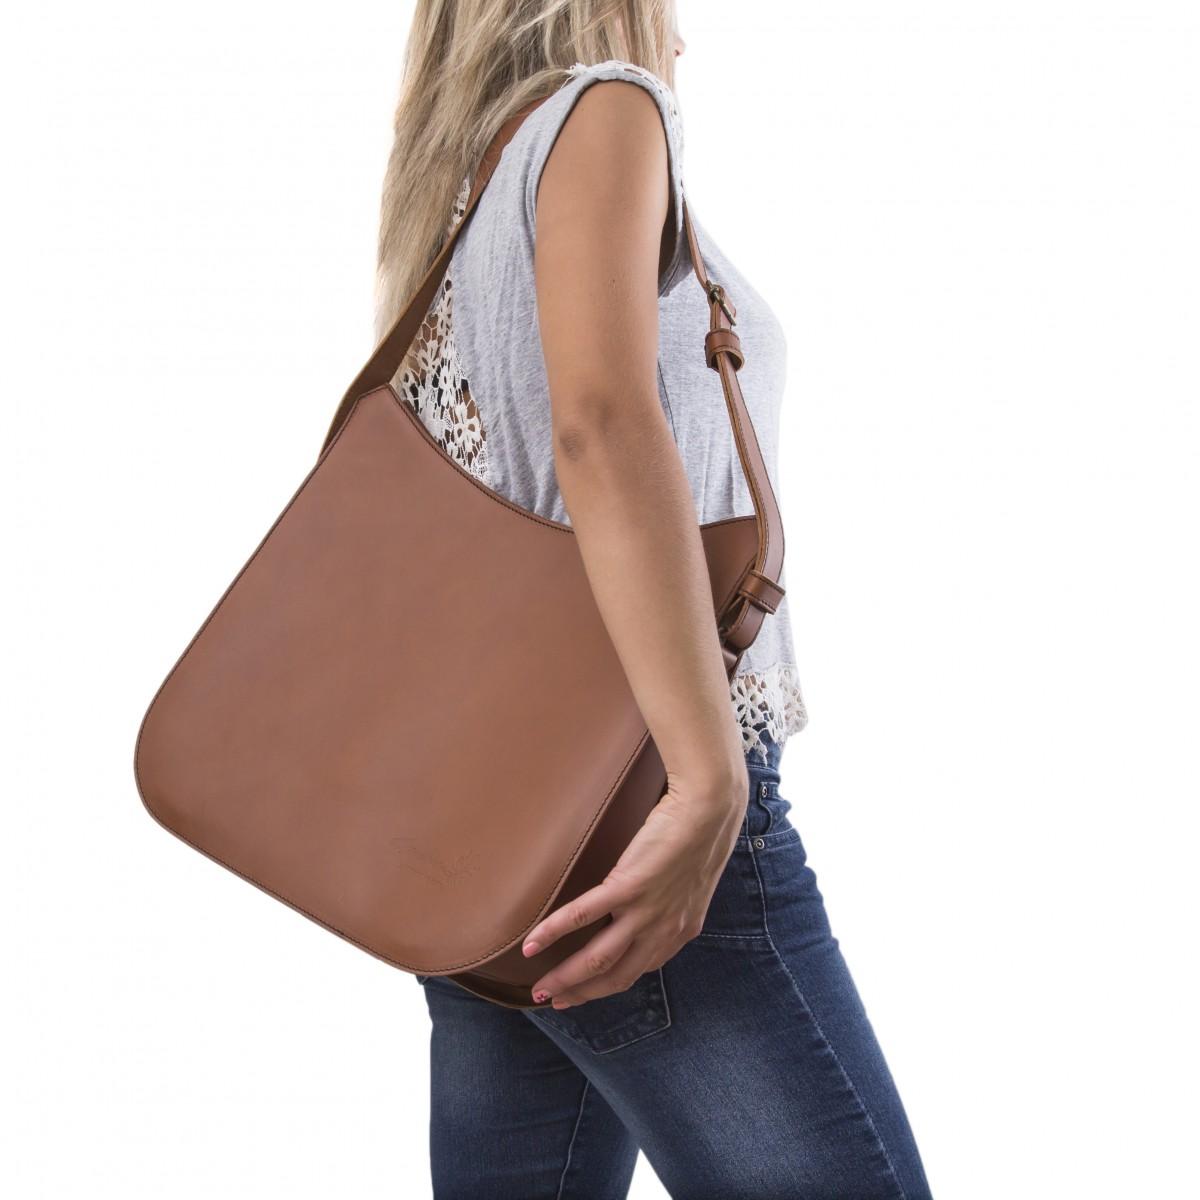 Handmade Vintage Handbags 68